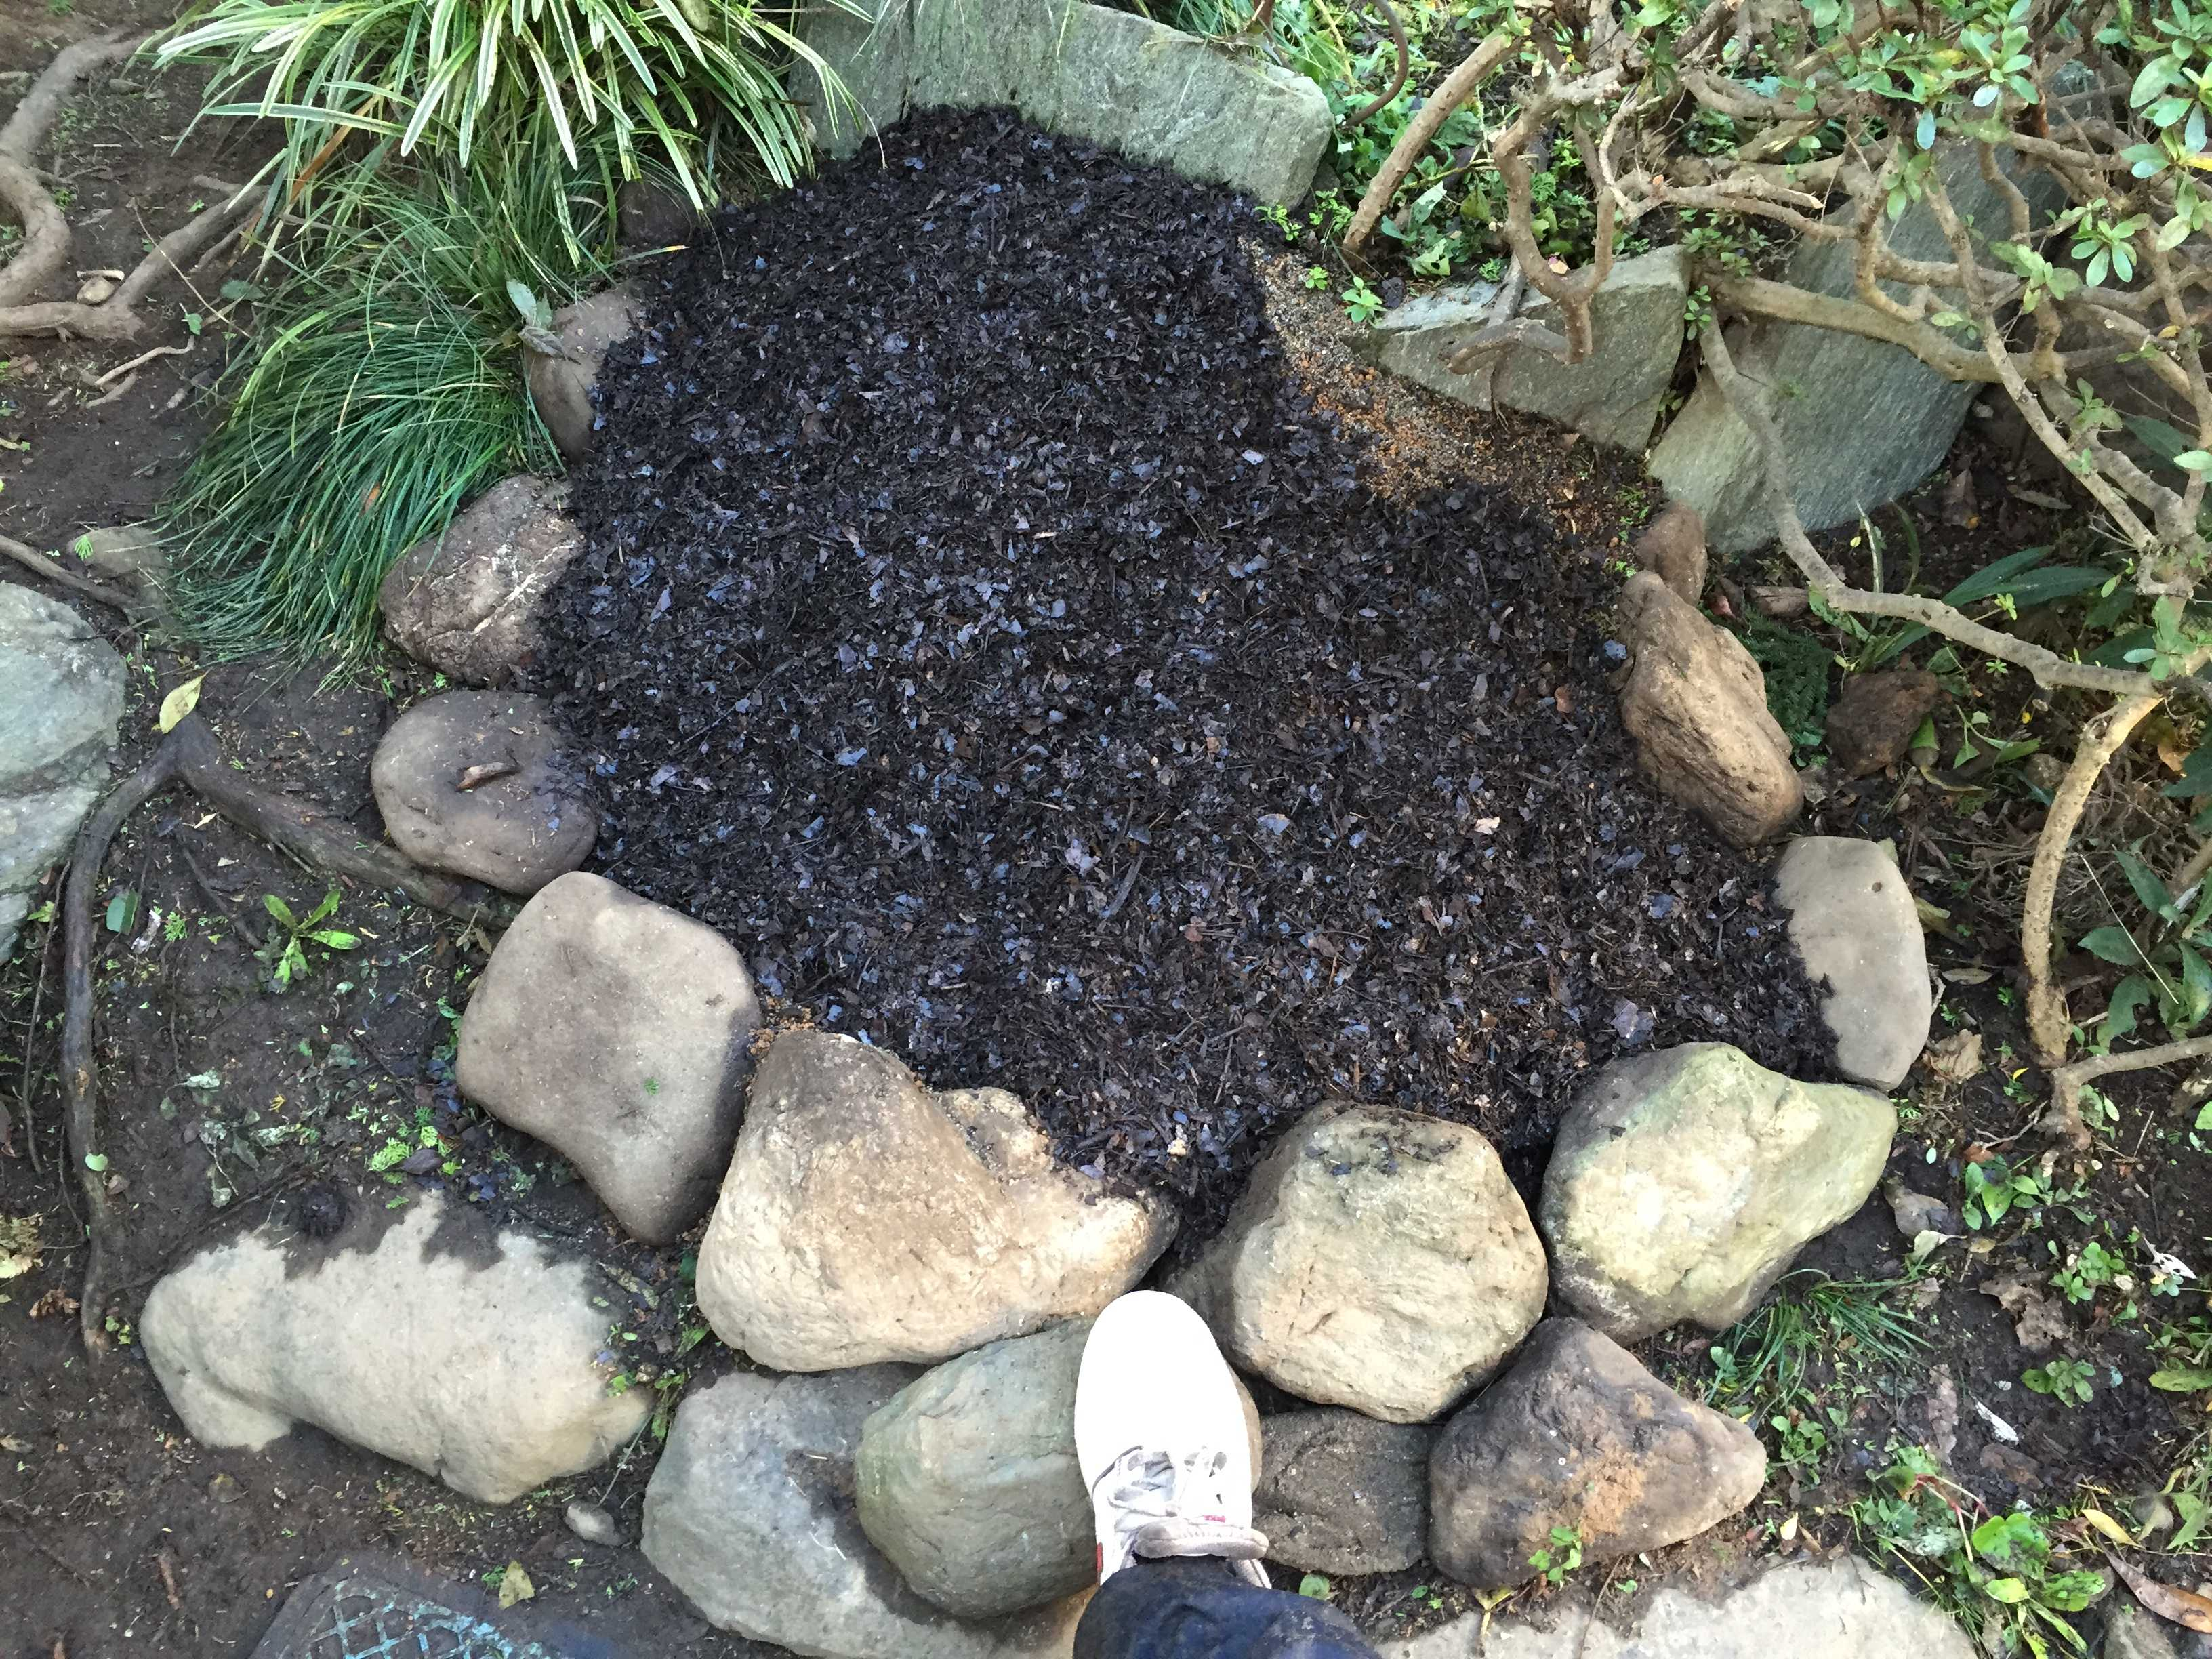 ヤマユリの球根植え付け - 植え付け場所